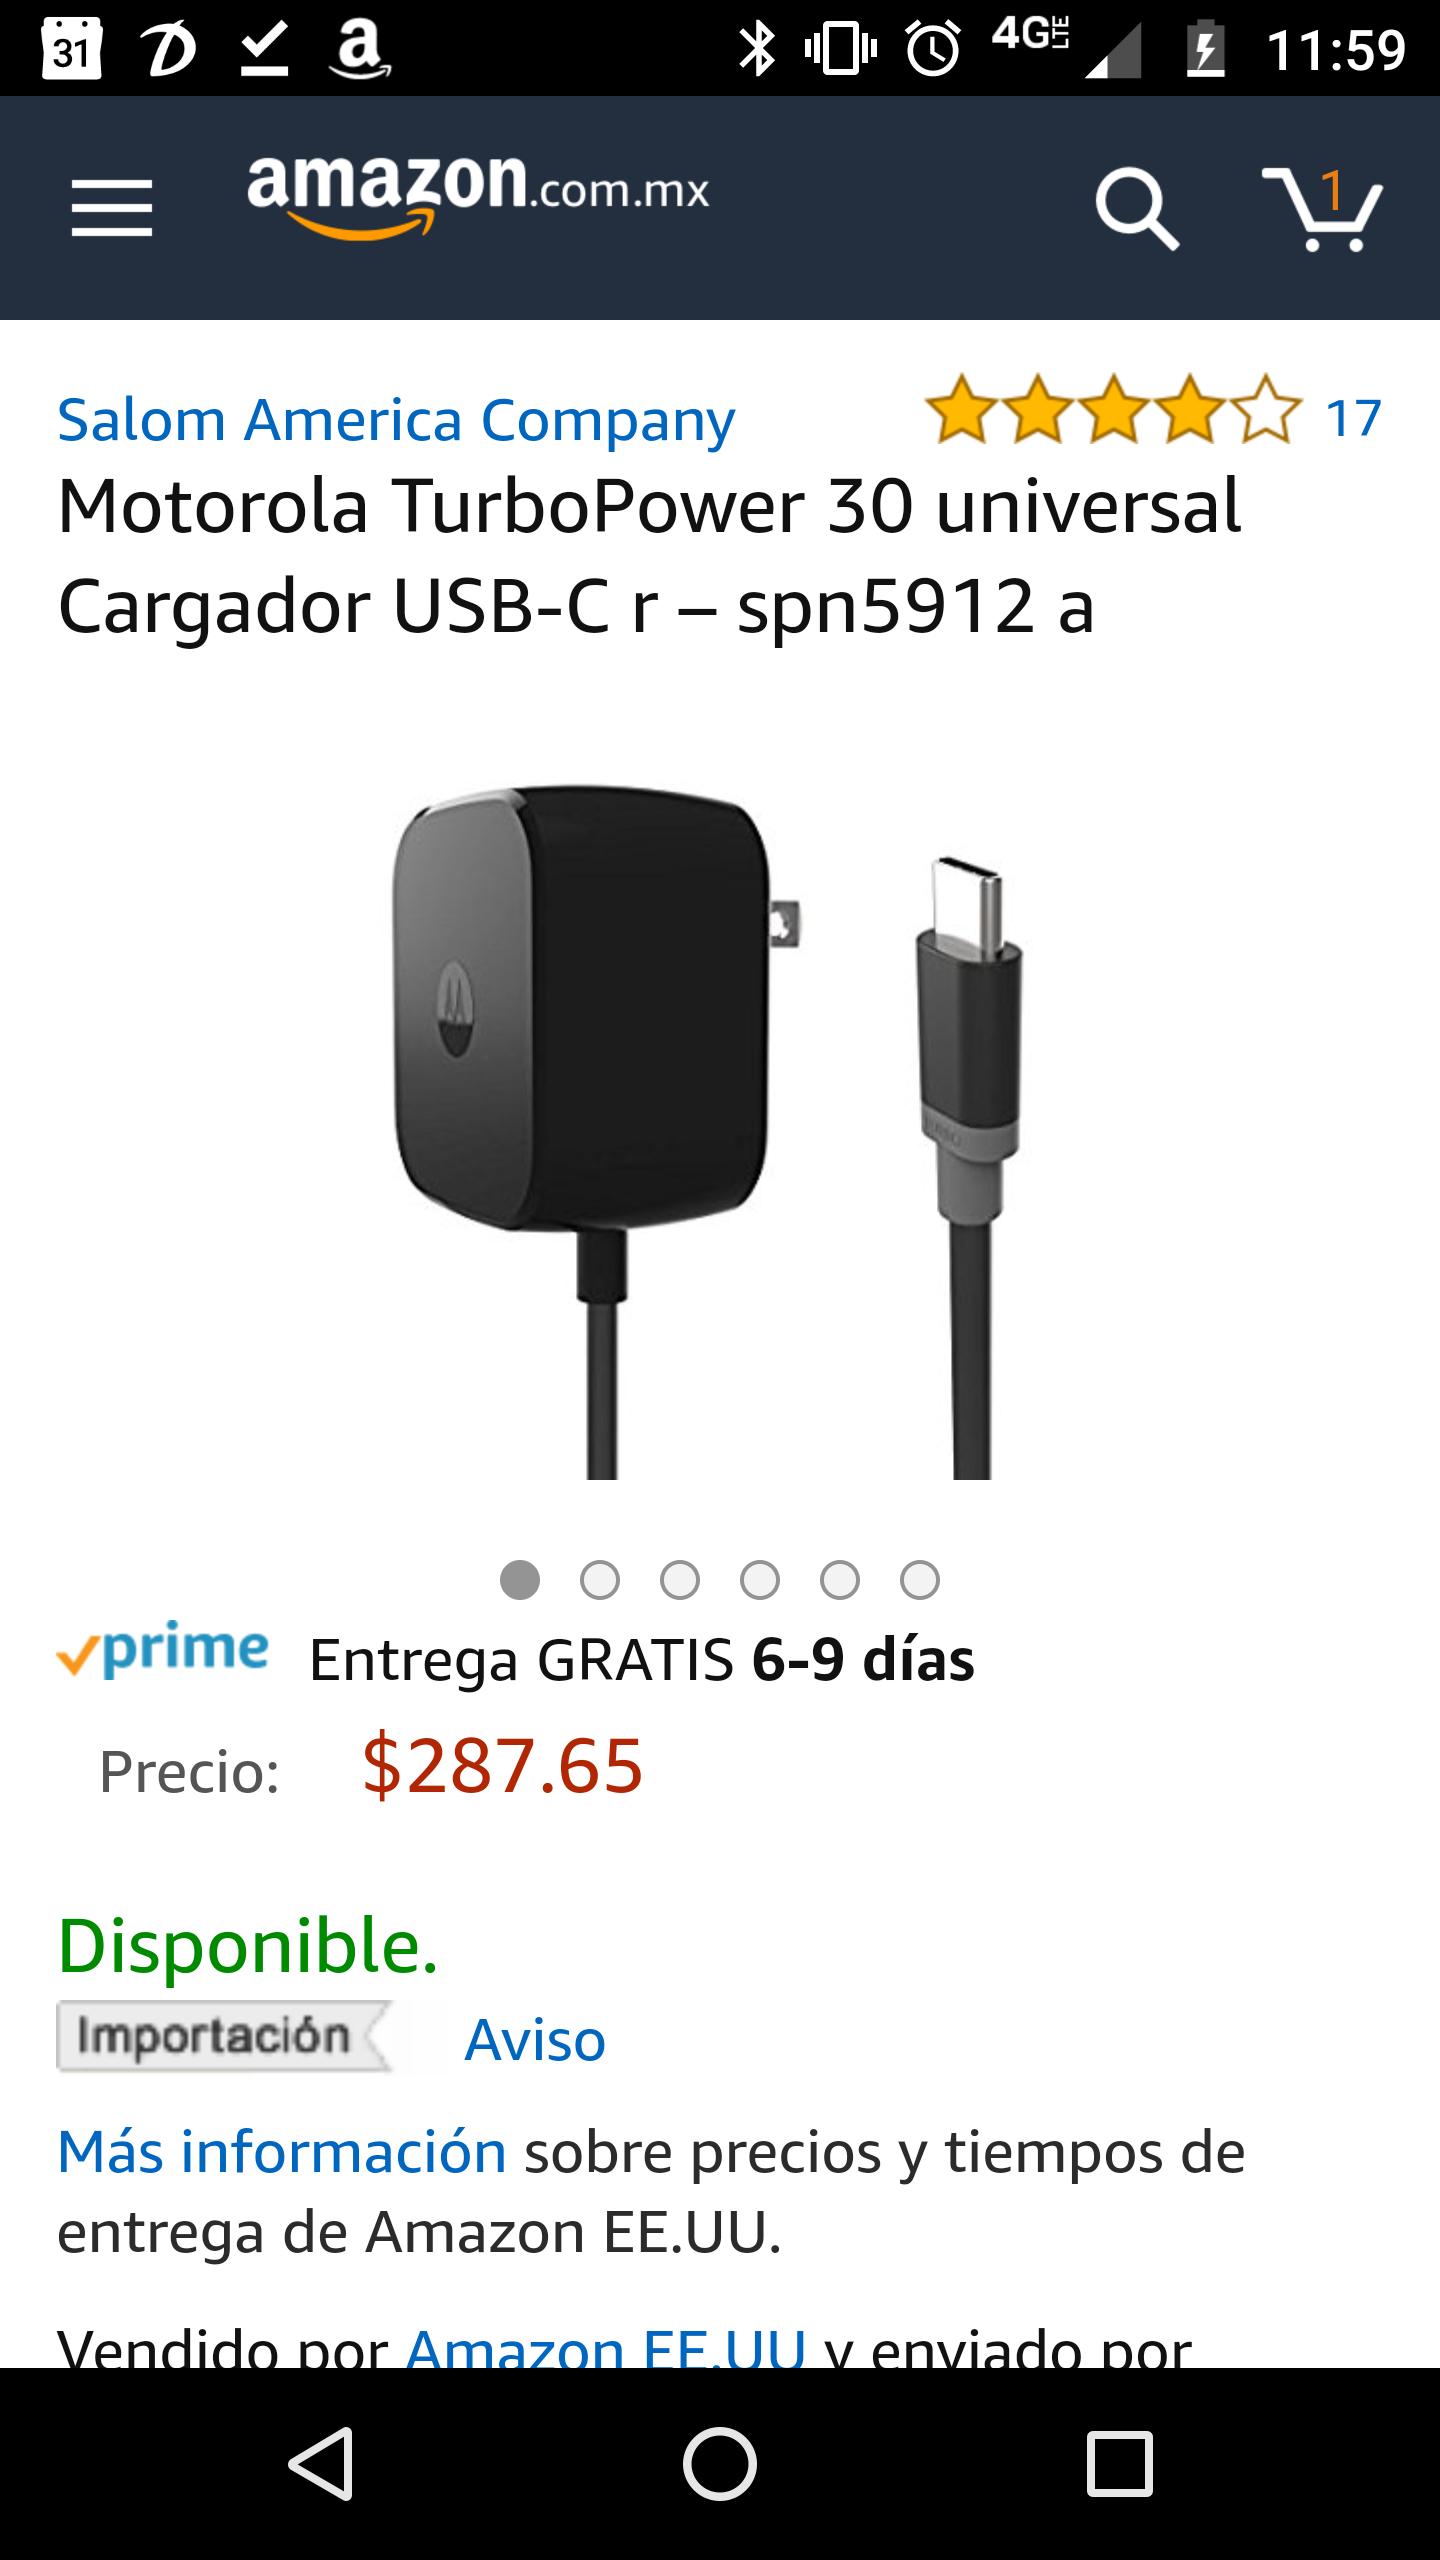 Amazon: Cargador Motorola turbo power usb-c de 30w